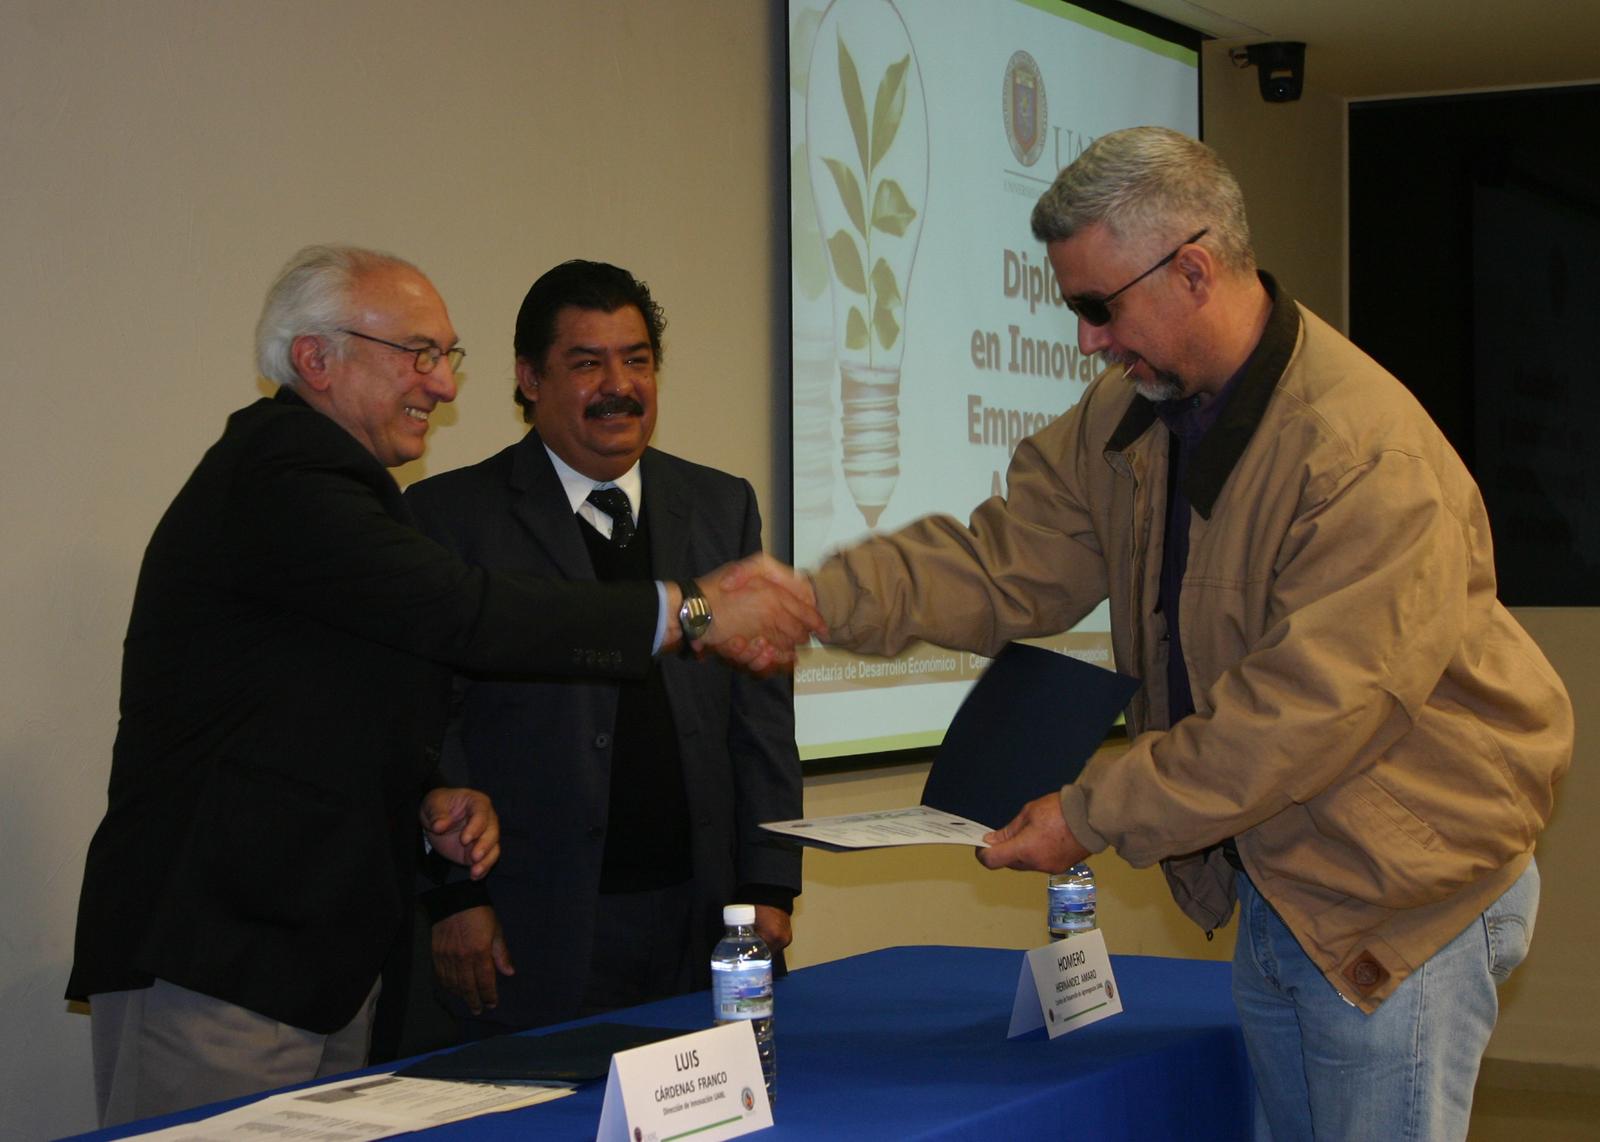 Diplomado en Innovación y Emprendimiento Agropecuario